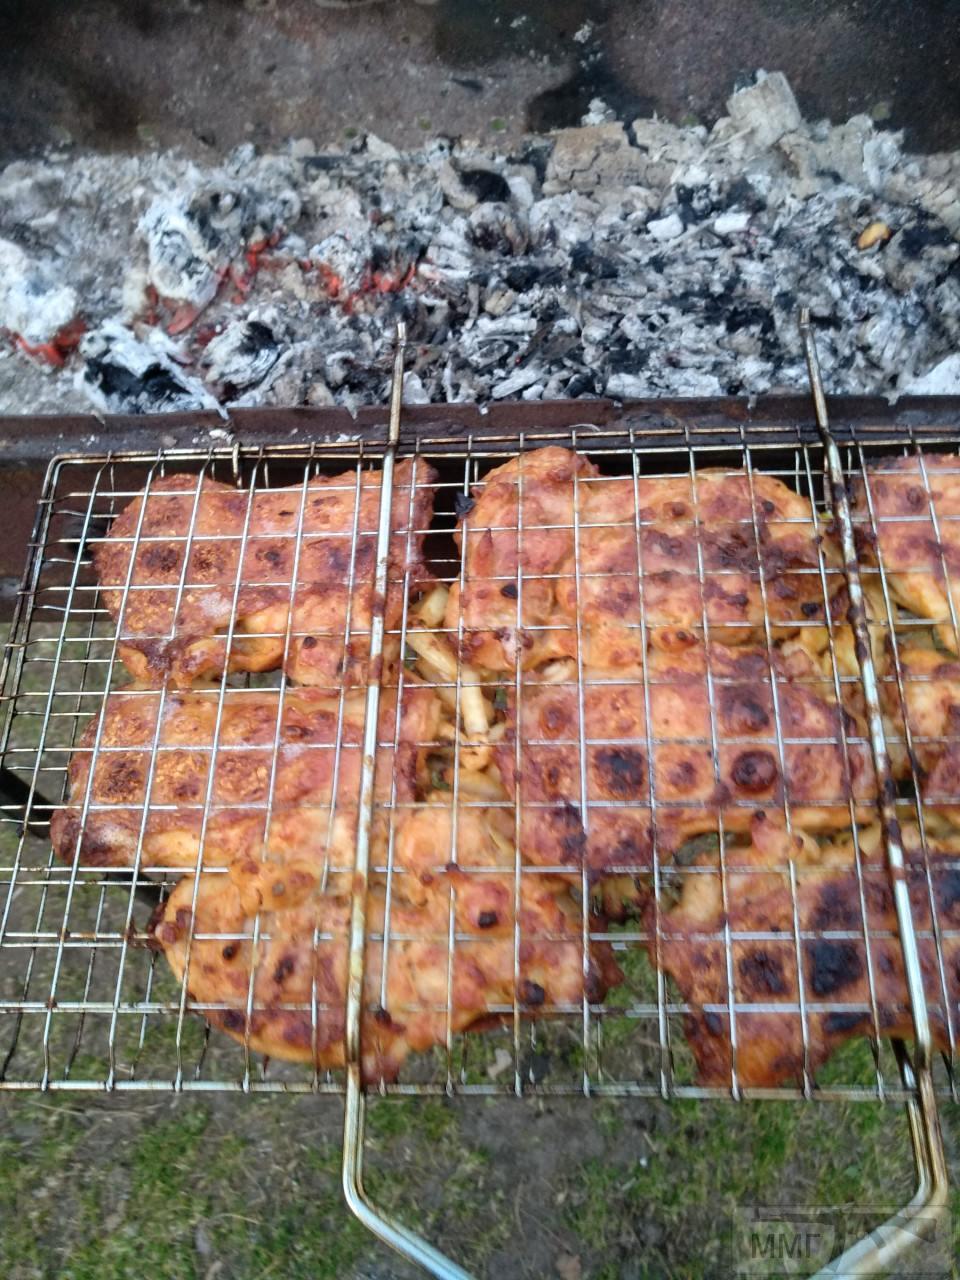 95625 - Закуски на огне (мангал, барбекю и т.д.) и кулинария вообще. Советы и рецепты.